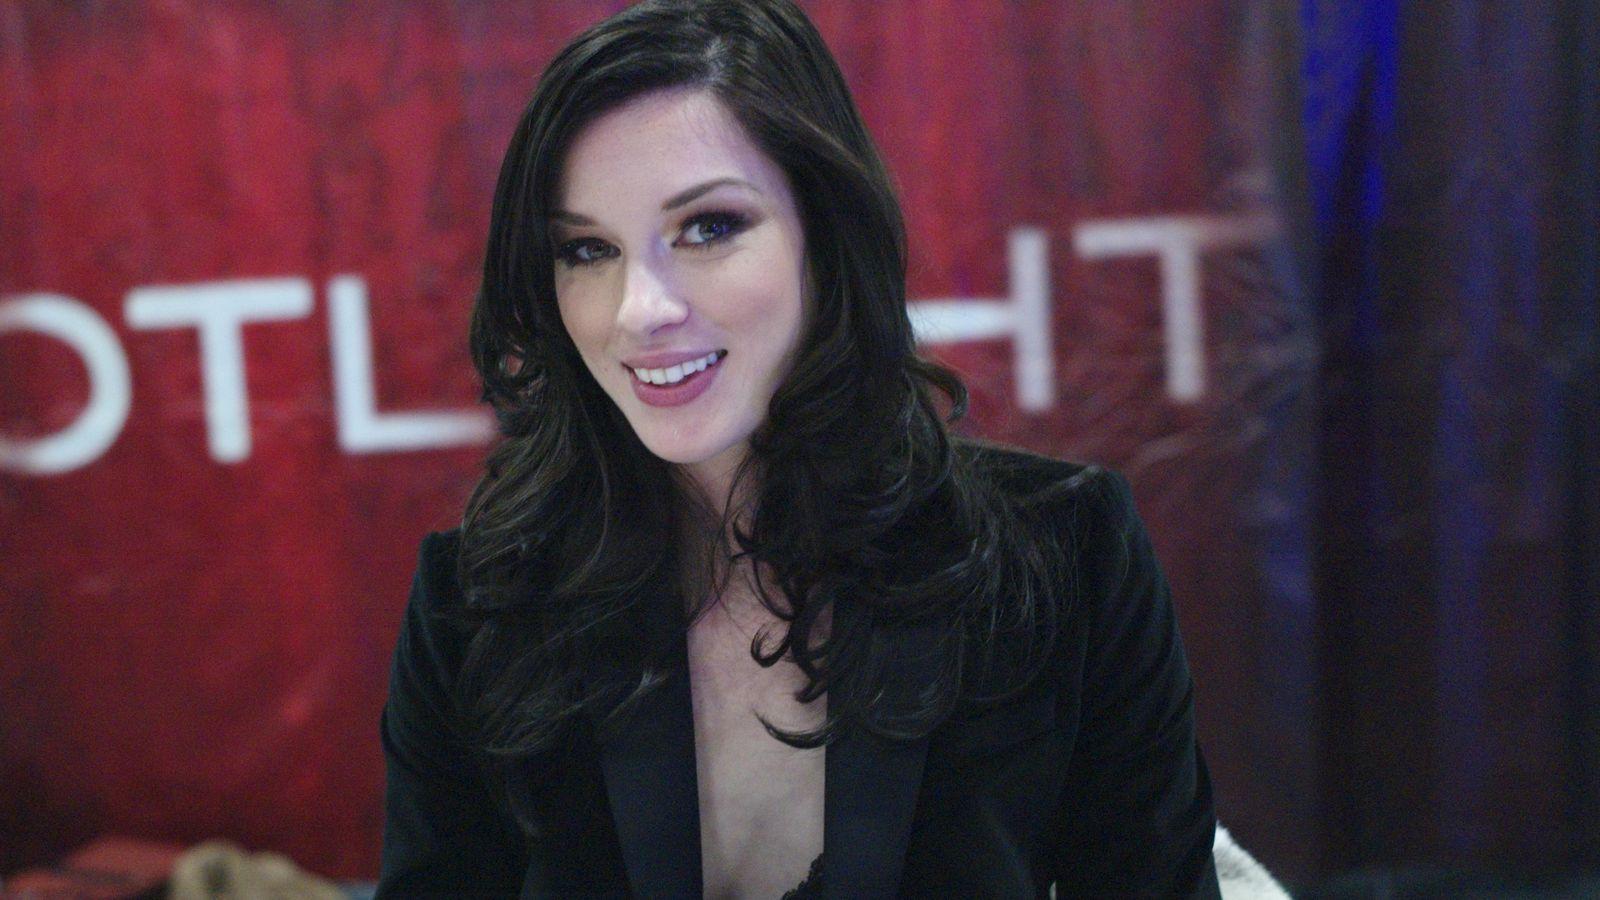 Foto: Stoya, una de las actrices eróticas más populares del momento, en Exxxotica Expo2012. (Corbis/John Ricard)